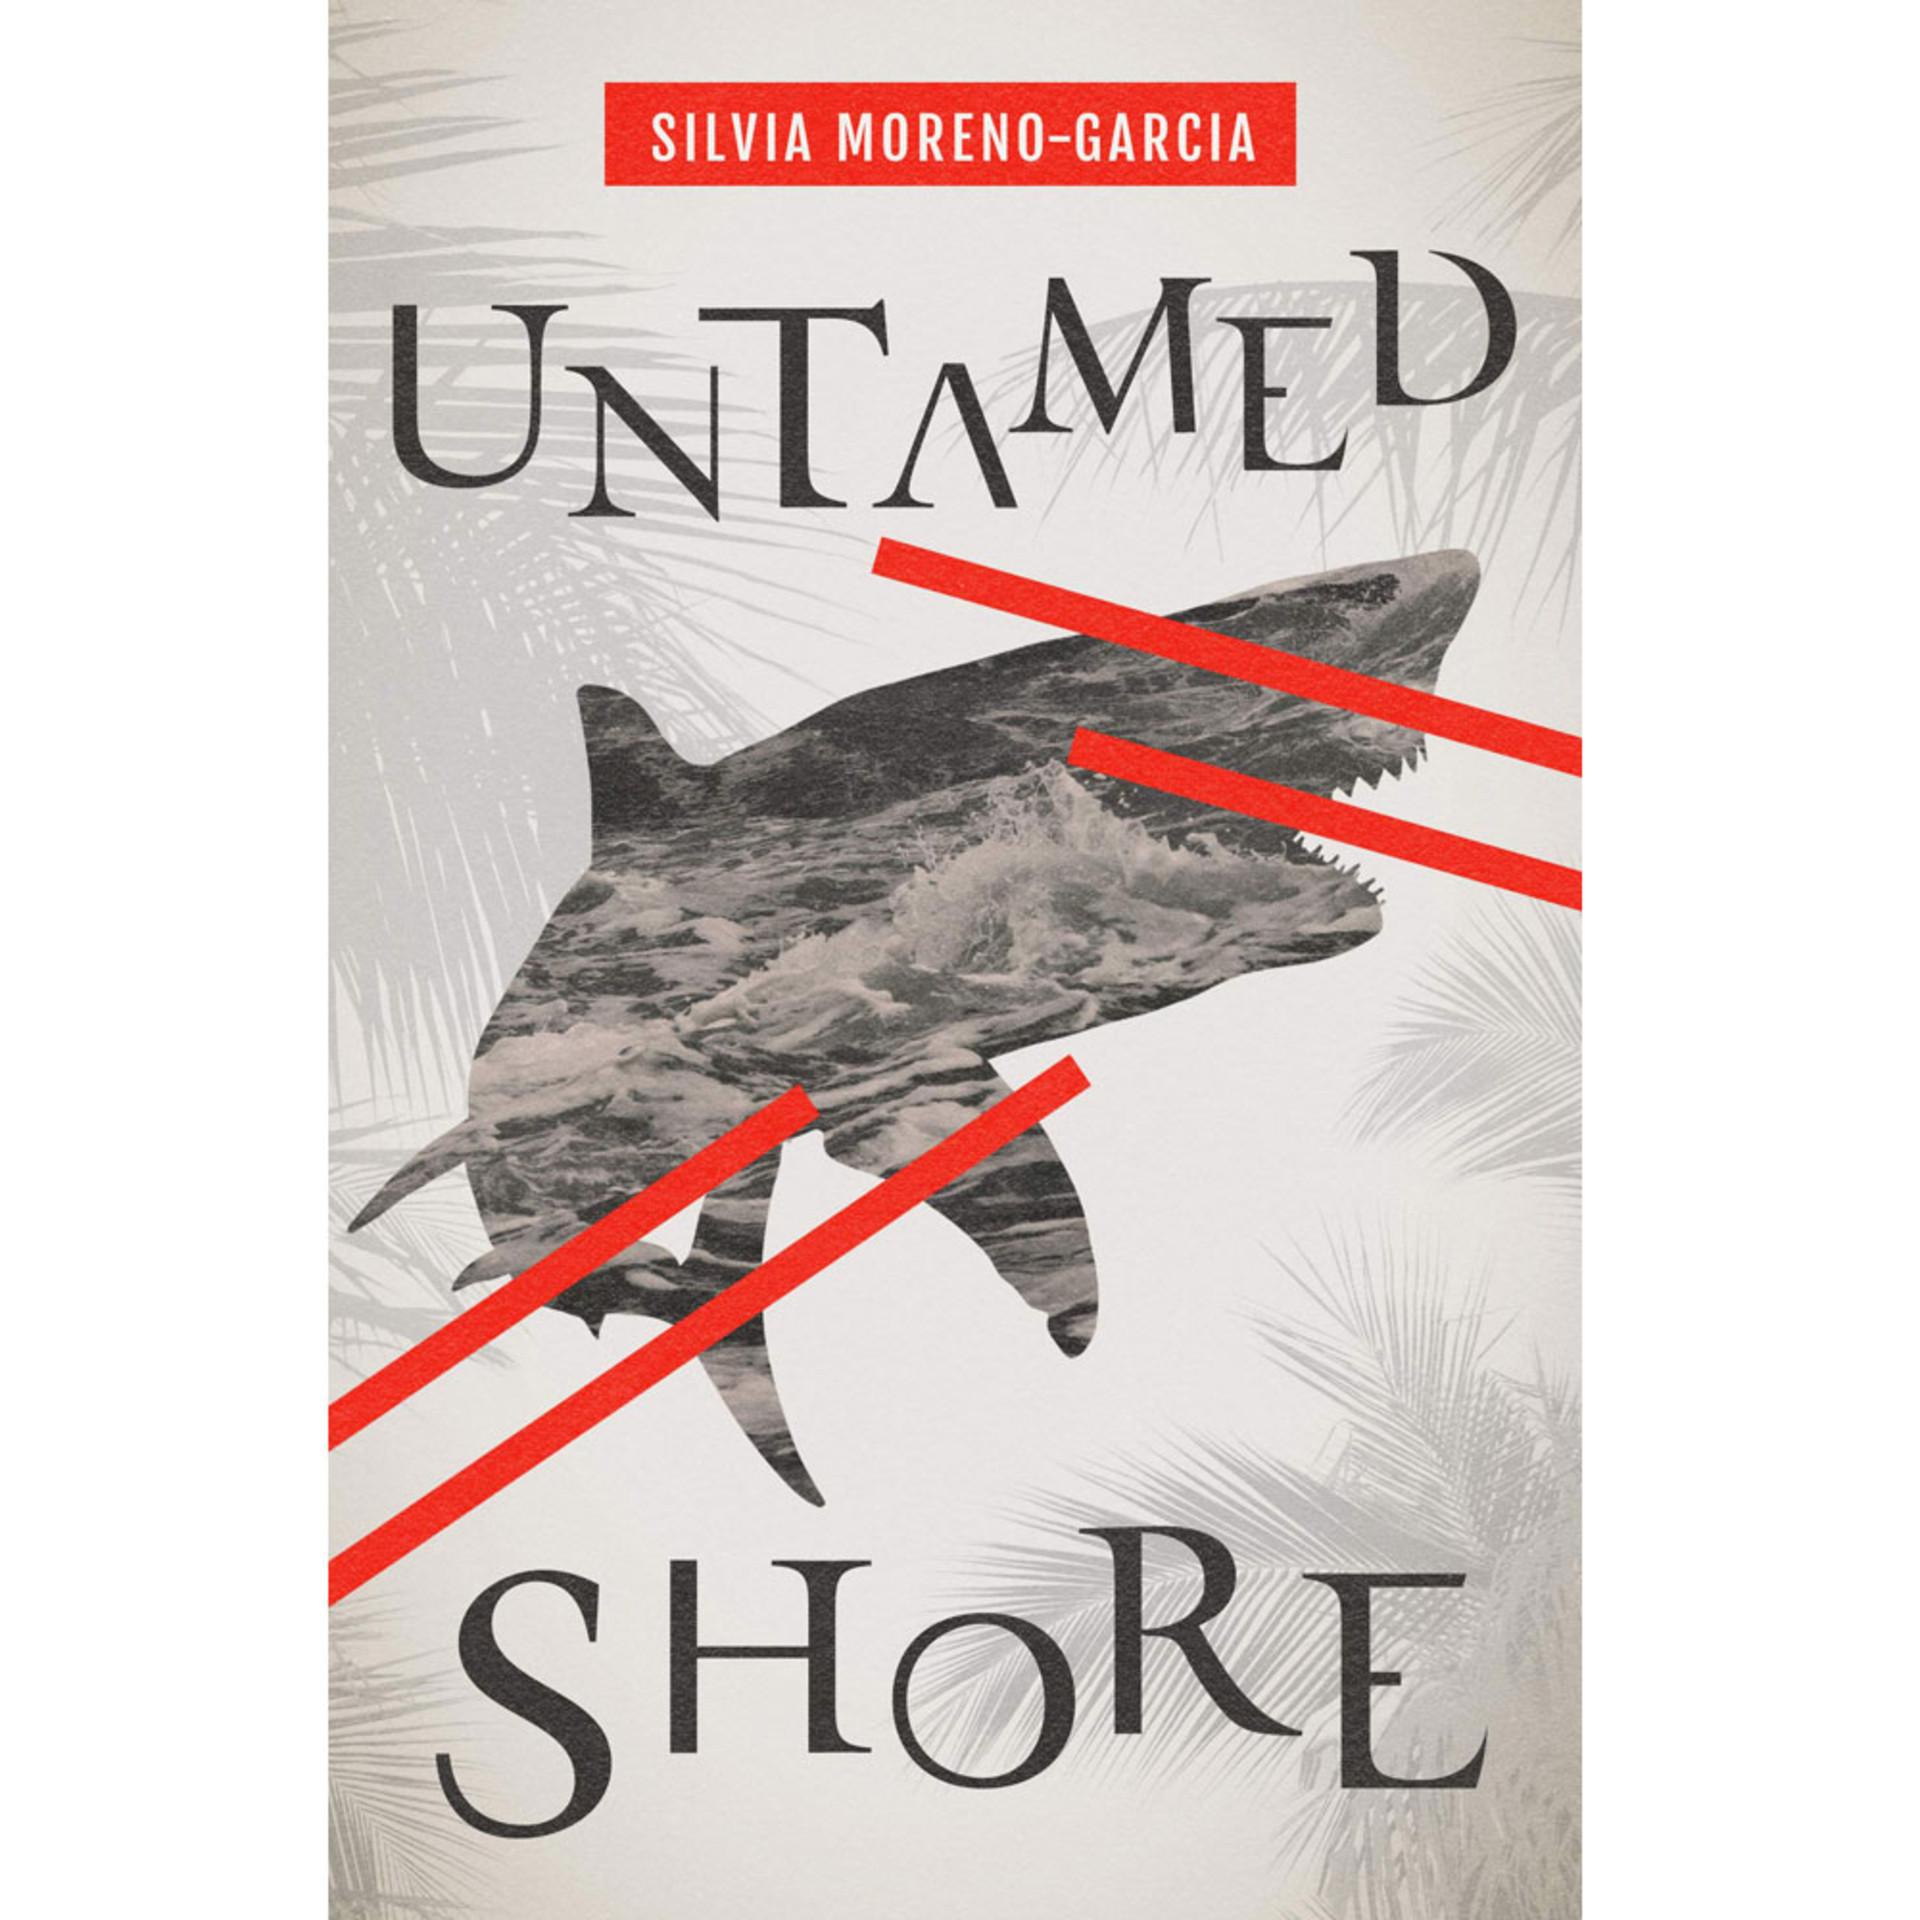 Untamed Shore by Silvia Moreno-Garcia